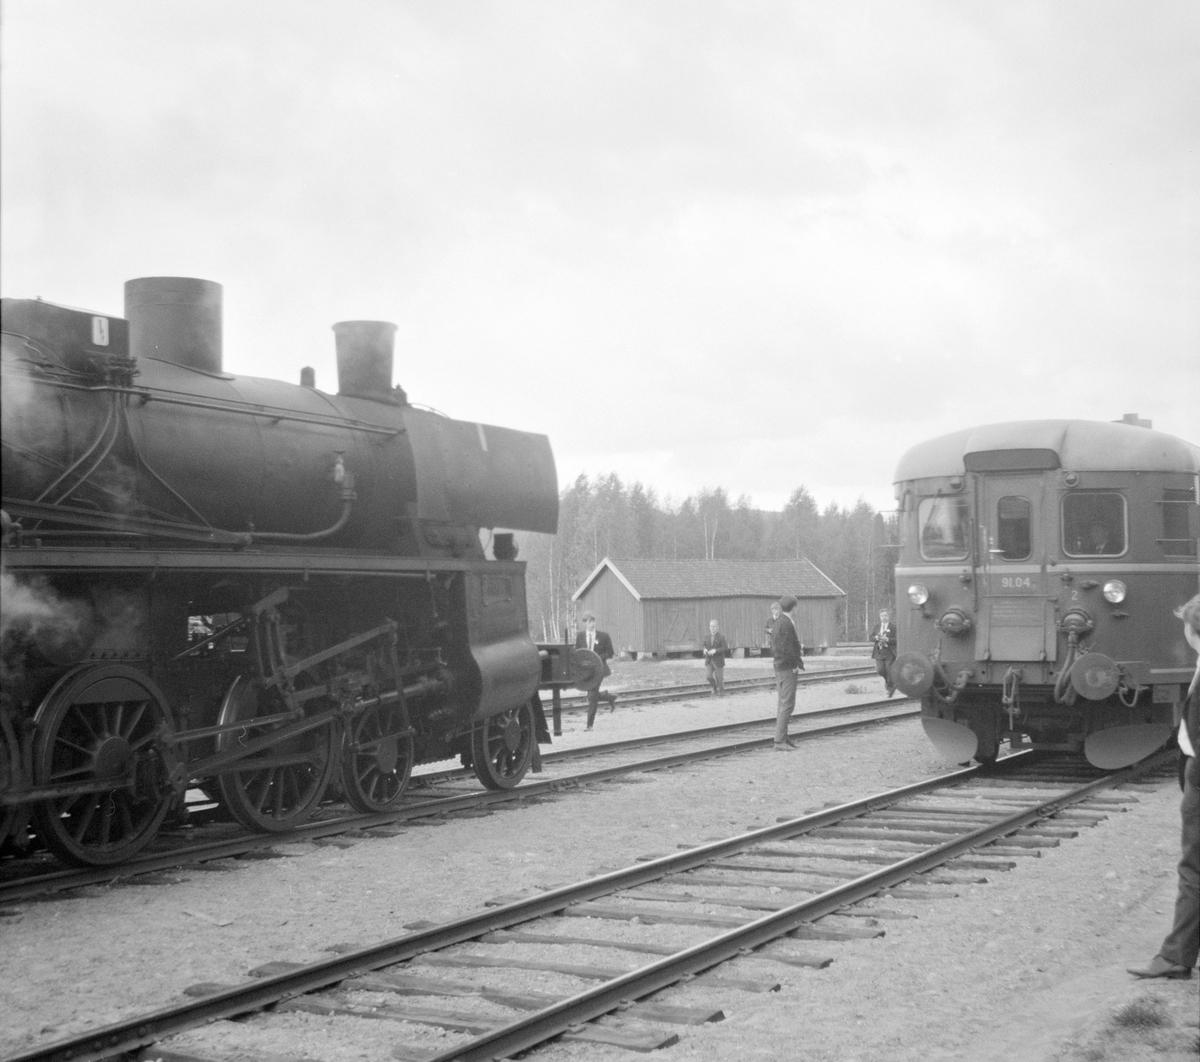 Fra veterantogturen Kongsvinger-Hamar for A/L Hølandsbanen og Svenska Järnvägsklubben. Kryssing med motorvogn type 91.